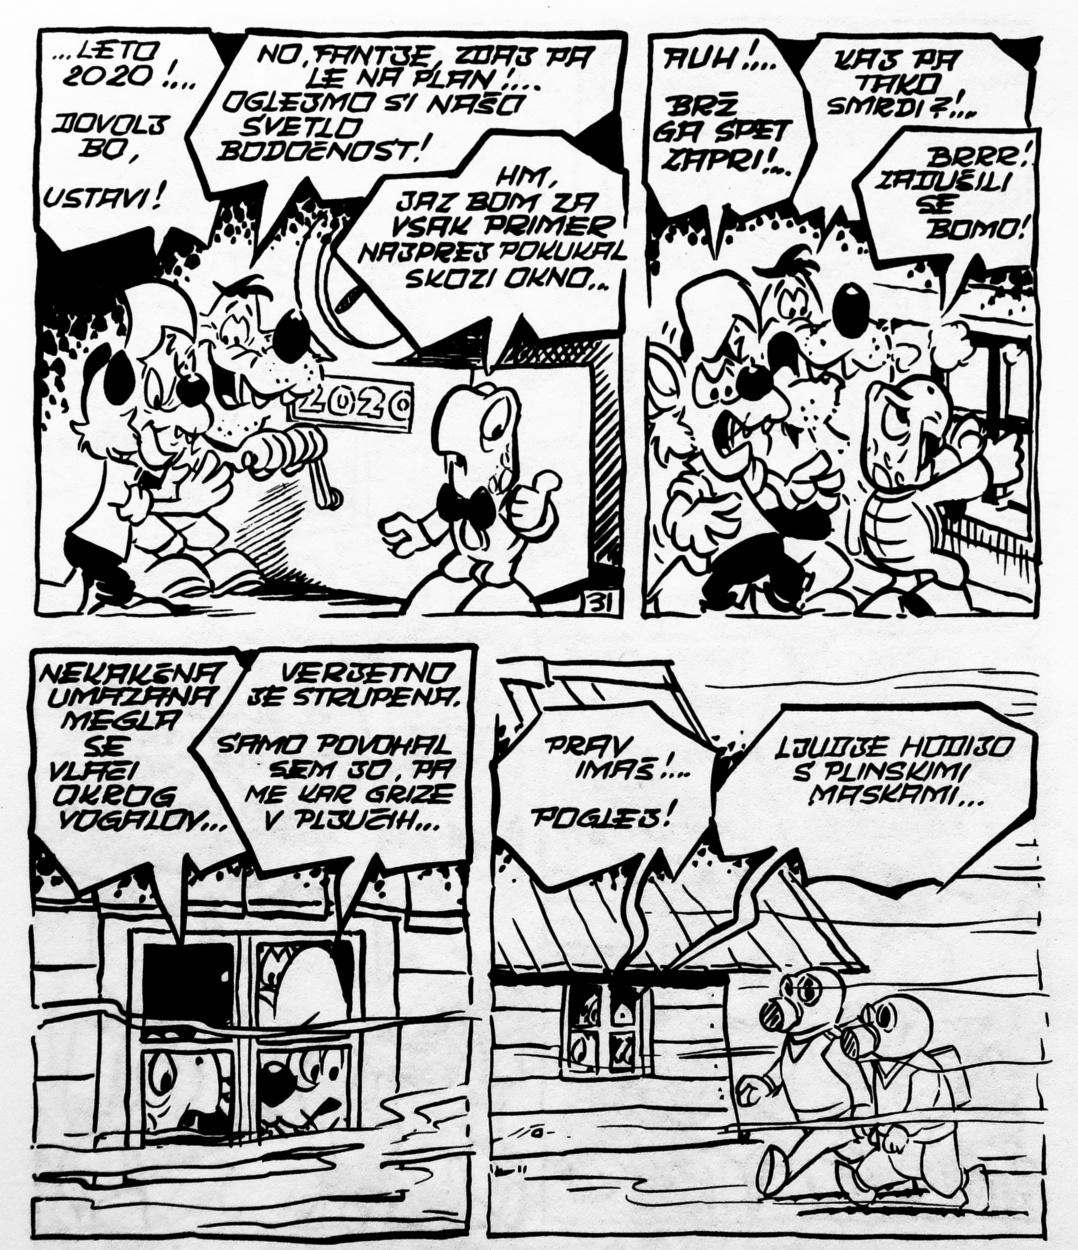 Zvitorepec, Trdonja in Lakotnik v Mustrovem stripu iz leta 1971 potujejo pol stoletja v prihodnost in leta 2020 opazujejo - izredne razmere.